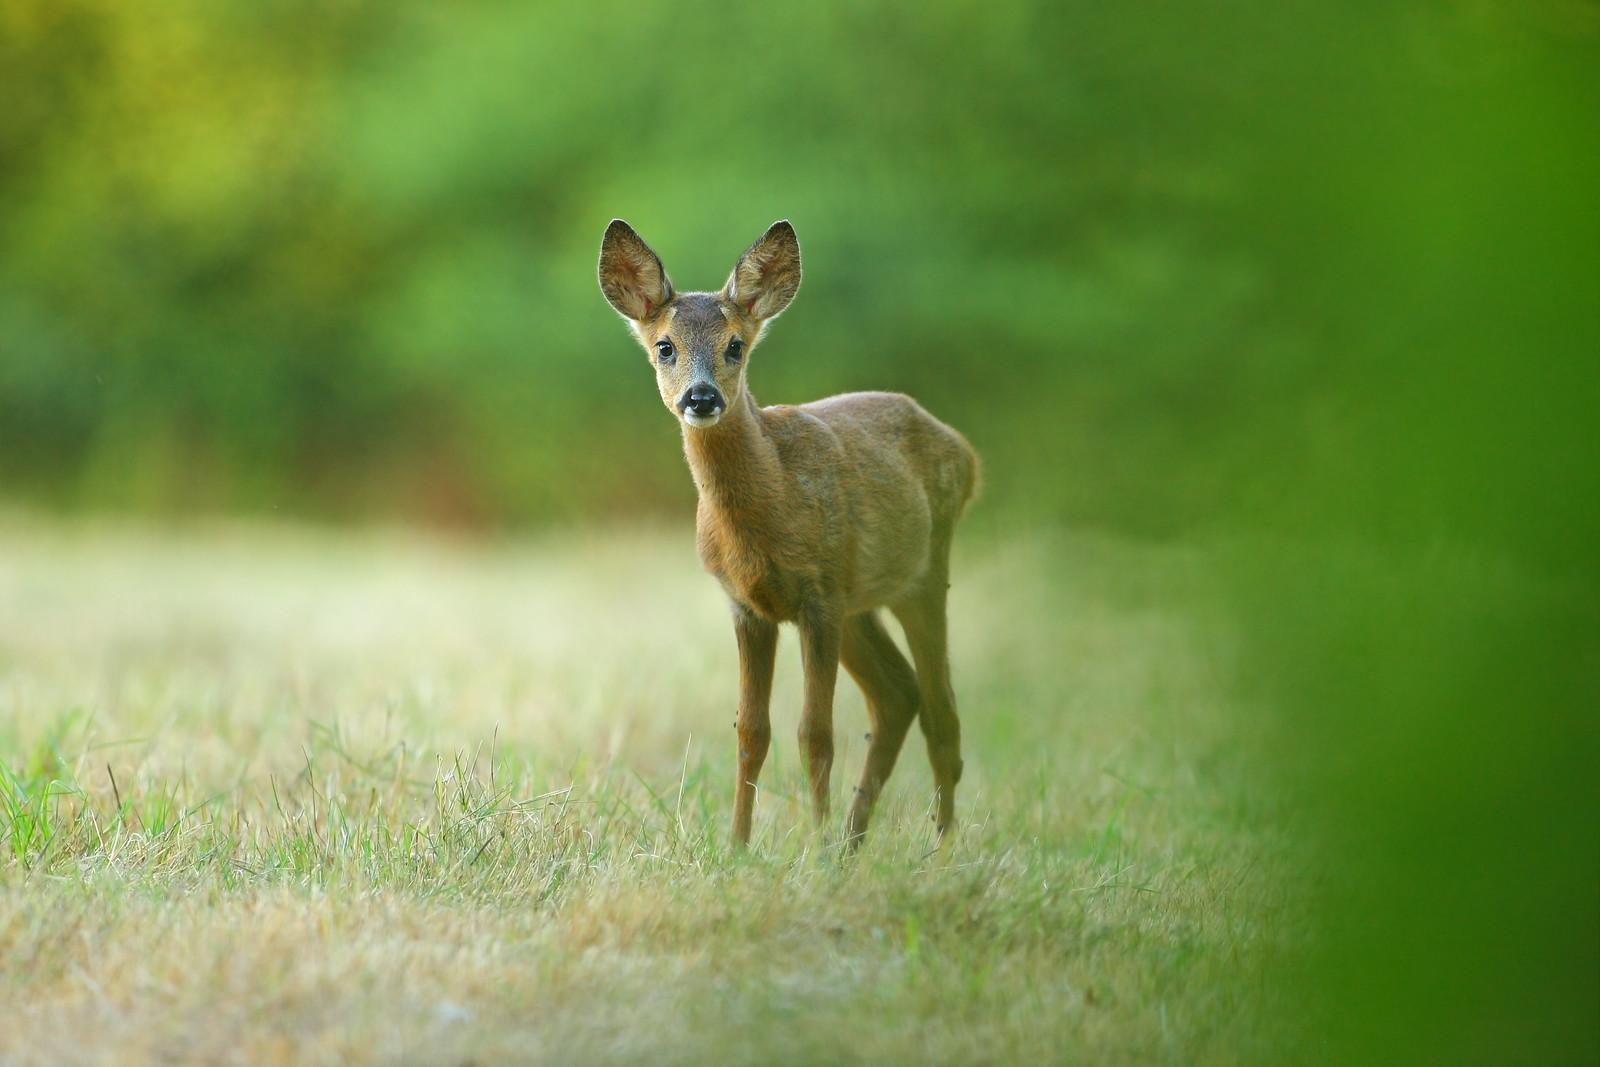 Curious baby Roe deer